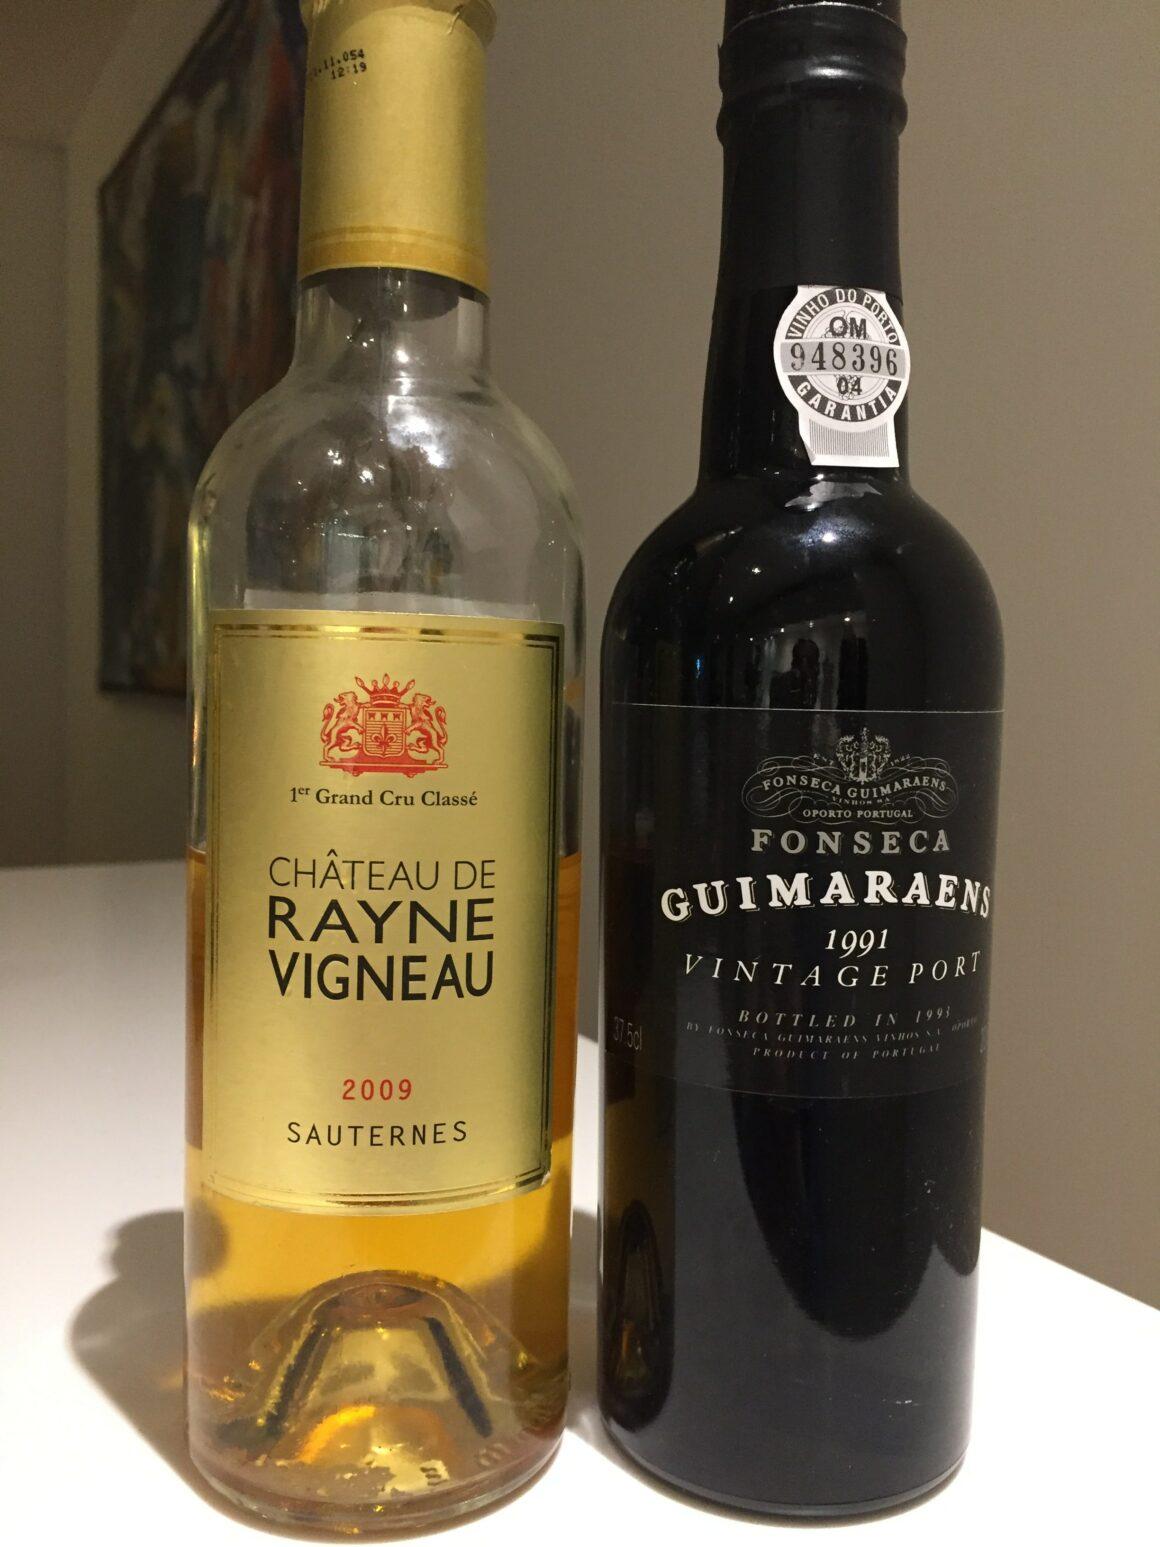 et godt sær med Vintage Port og Sauternes